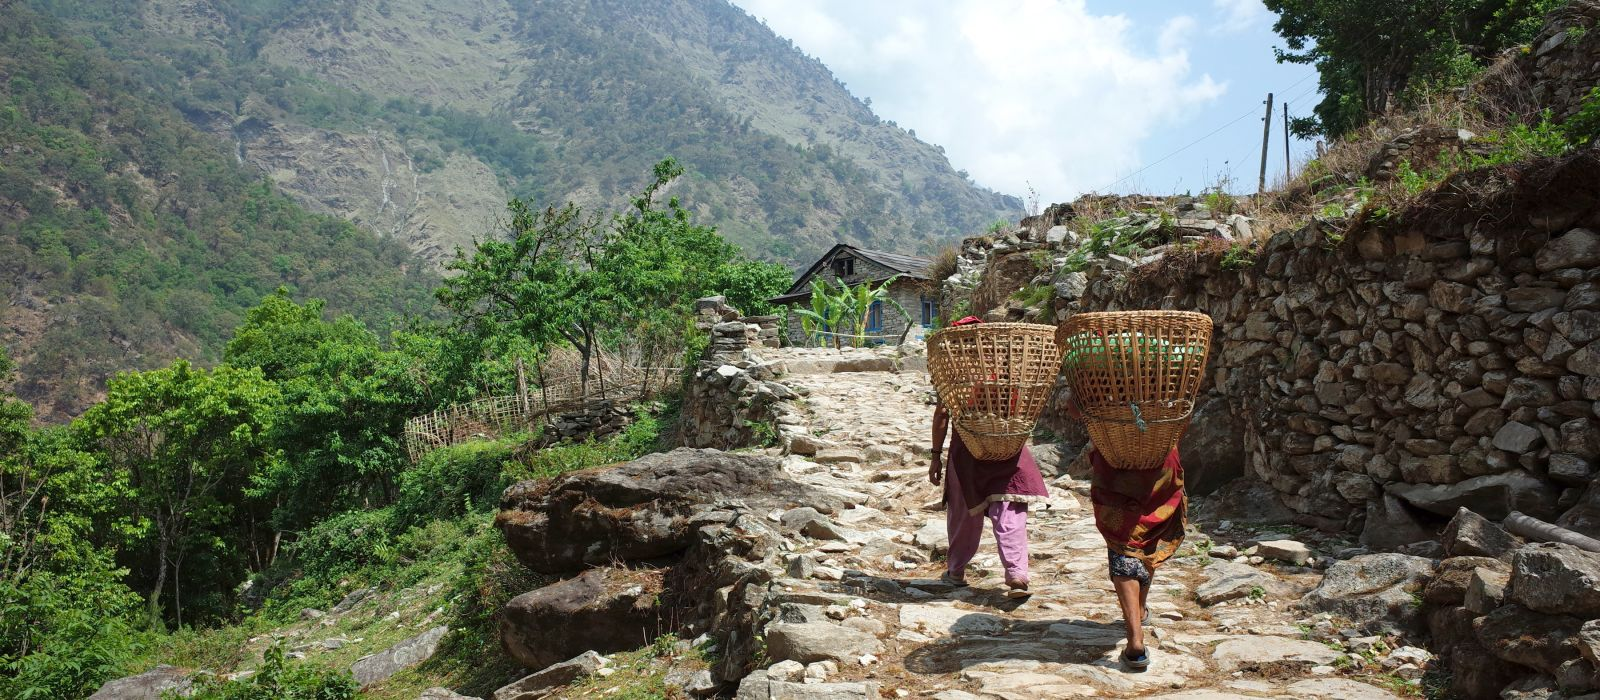 Nepalesische Frauen tragen Körbe auf traditionelle Weise im Himalaya, Region Solukhumbu, Nepal, Asien.